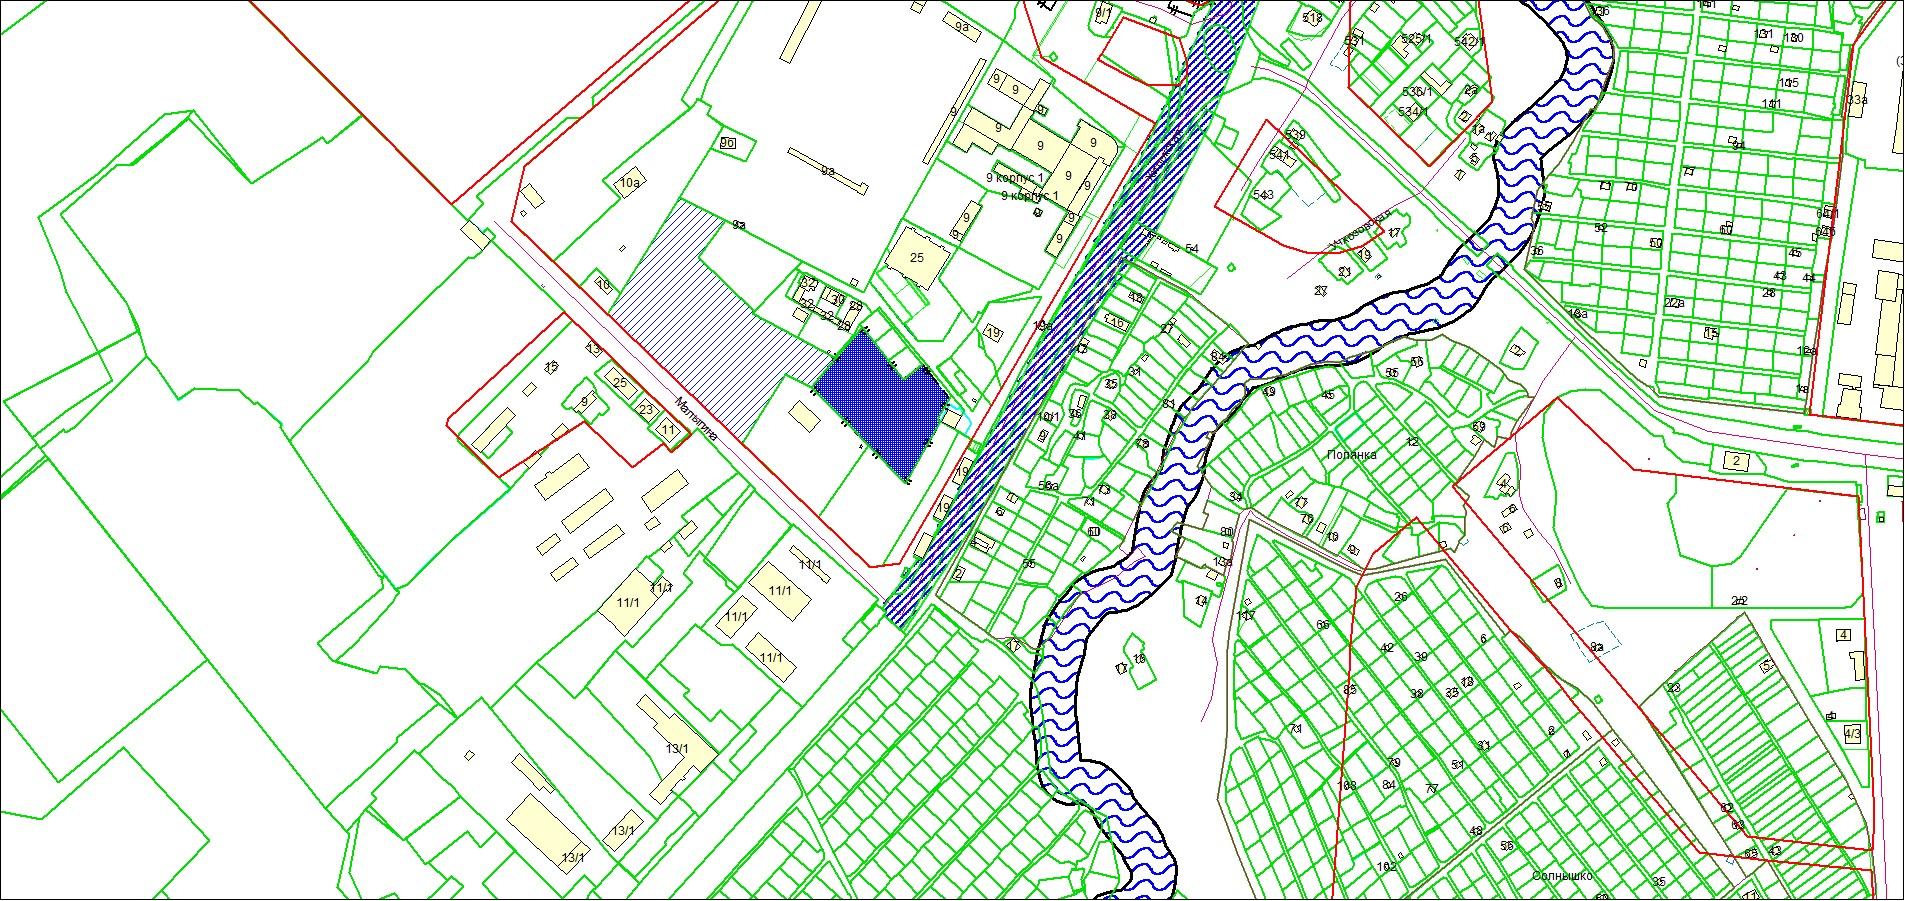 Схема расположения земельного участка по адресу: ул. Хилокская, з/у 23, Ленинский район